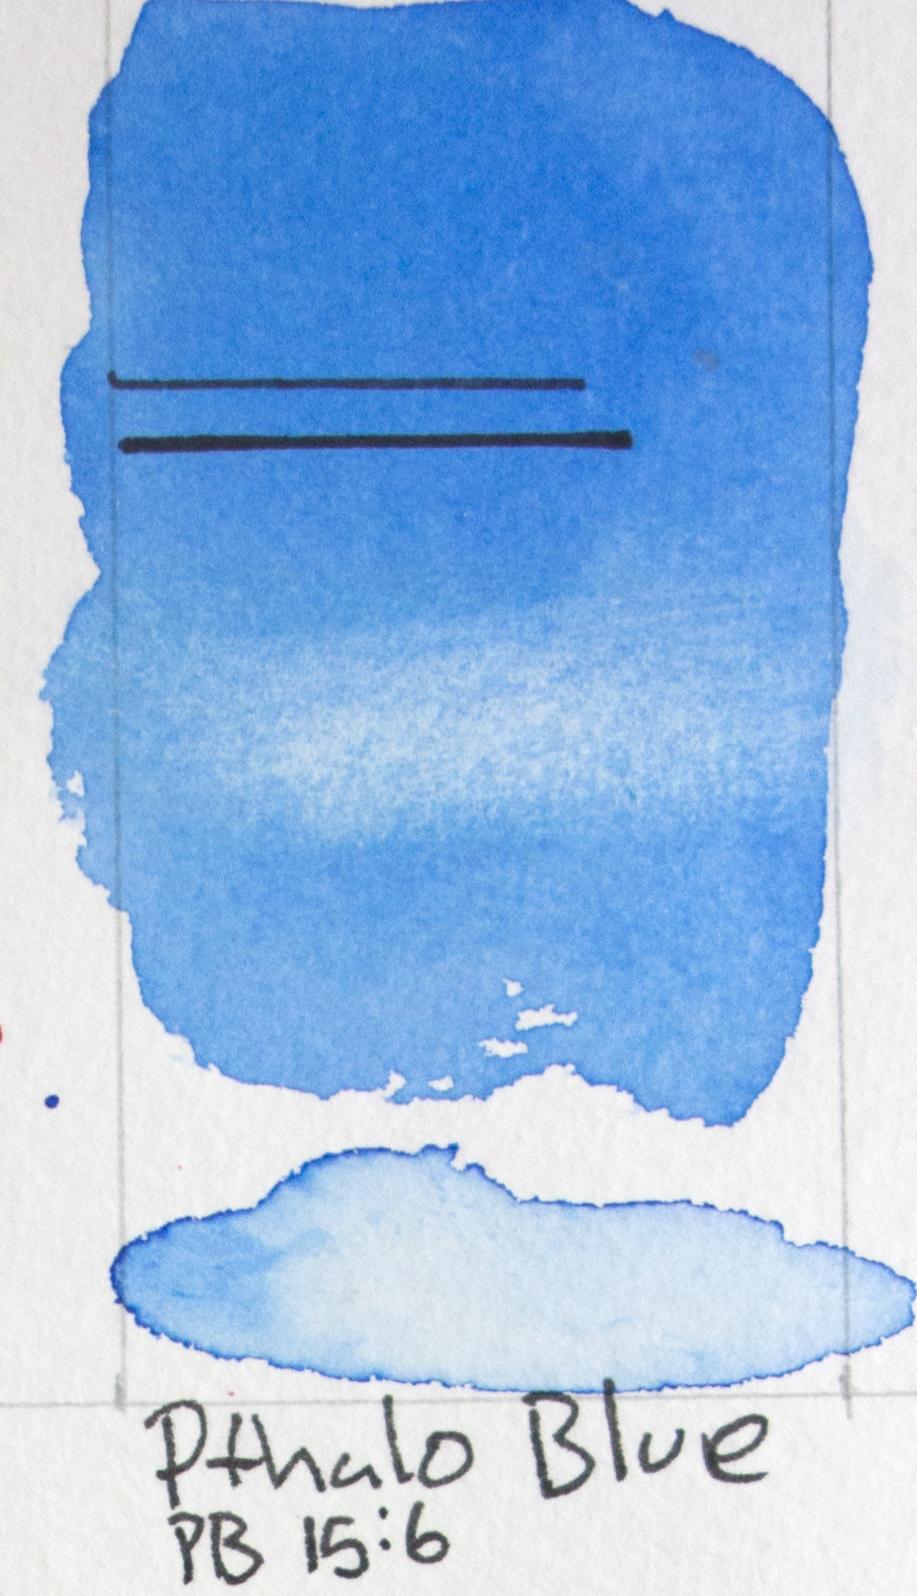 Lukas 1862 - Pthalo Blue PB15:6